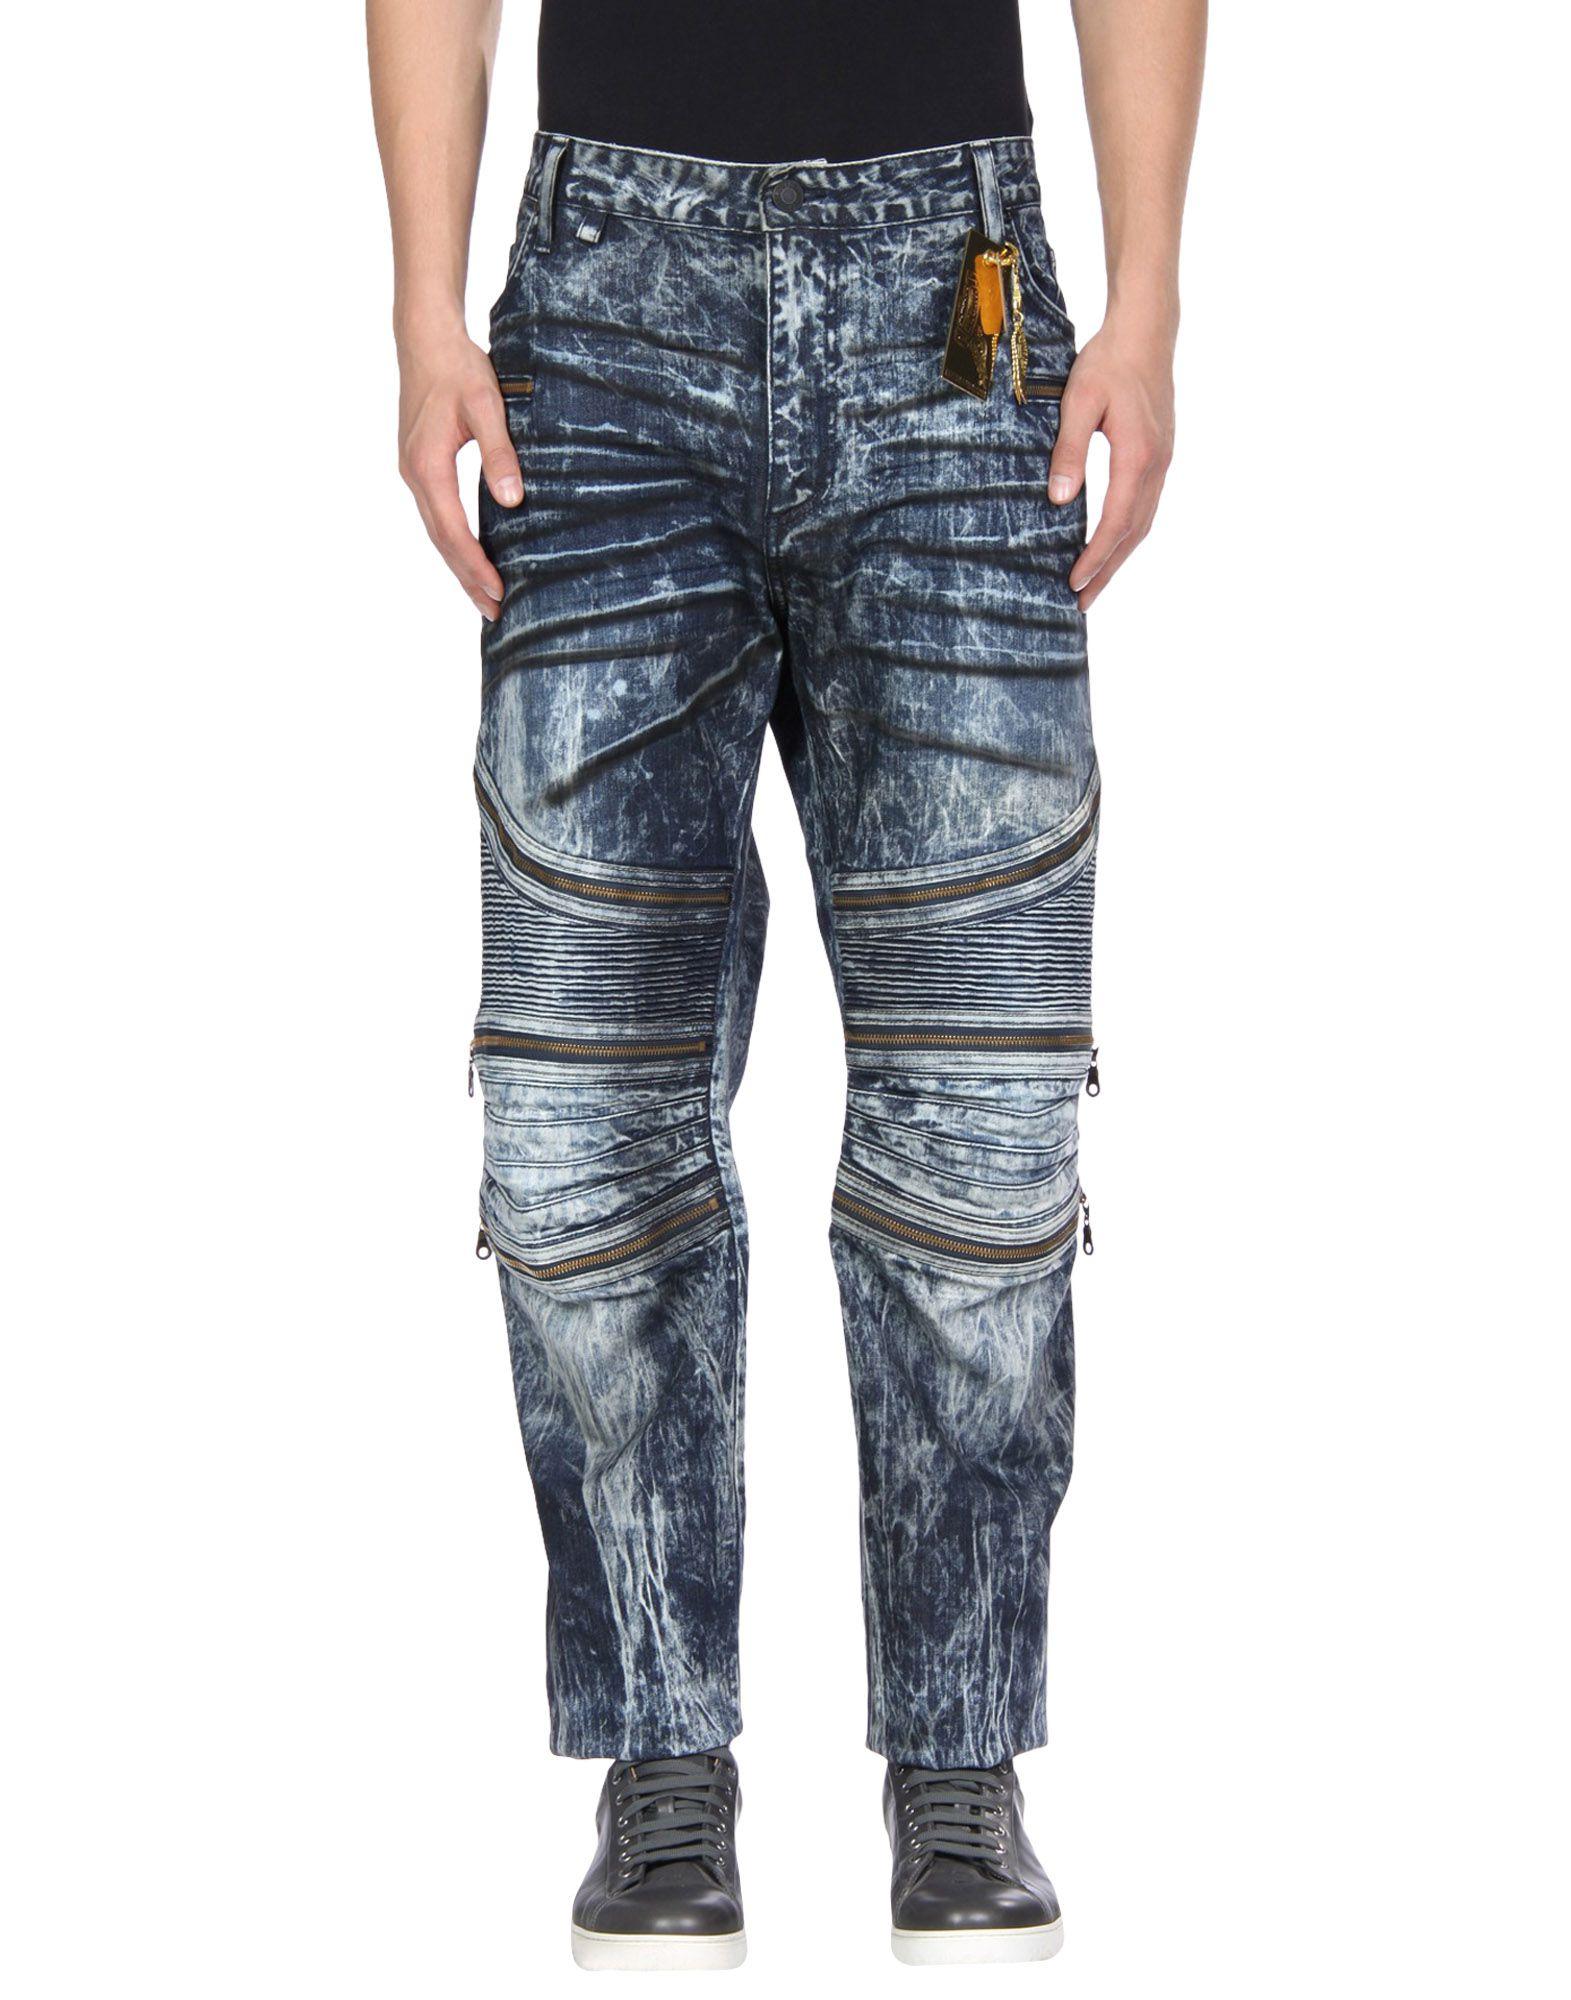 ROBIN'S JEAN Jeans in Blue